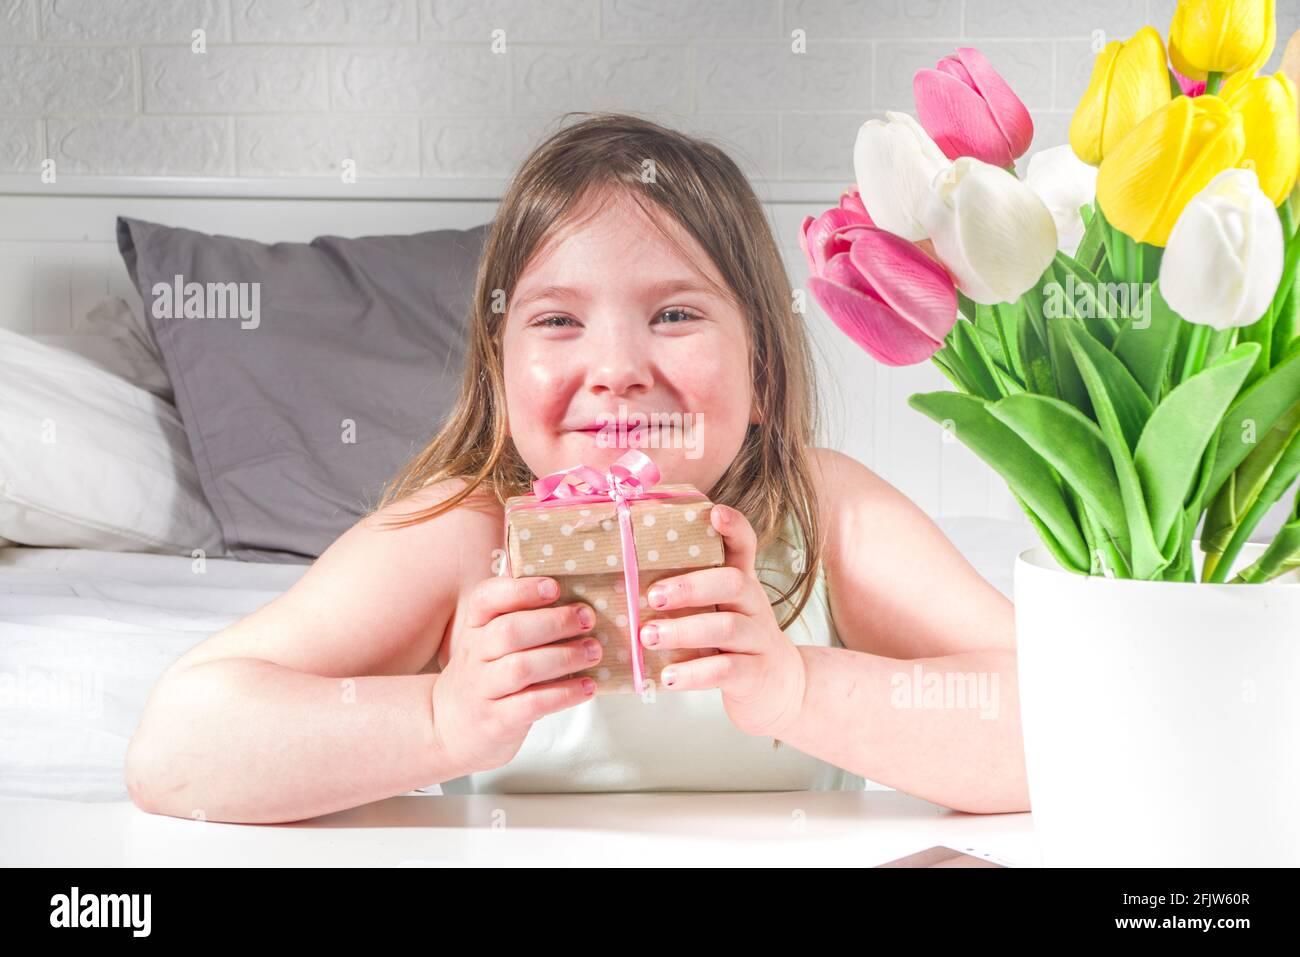 Fête des mères, fête des filles concept de style de vie. Enfant jeune fille blonde jeune fille avec un bouquet de fleurs de tulipe, carte de vœux faite à la main Banque D'Images